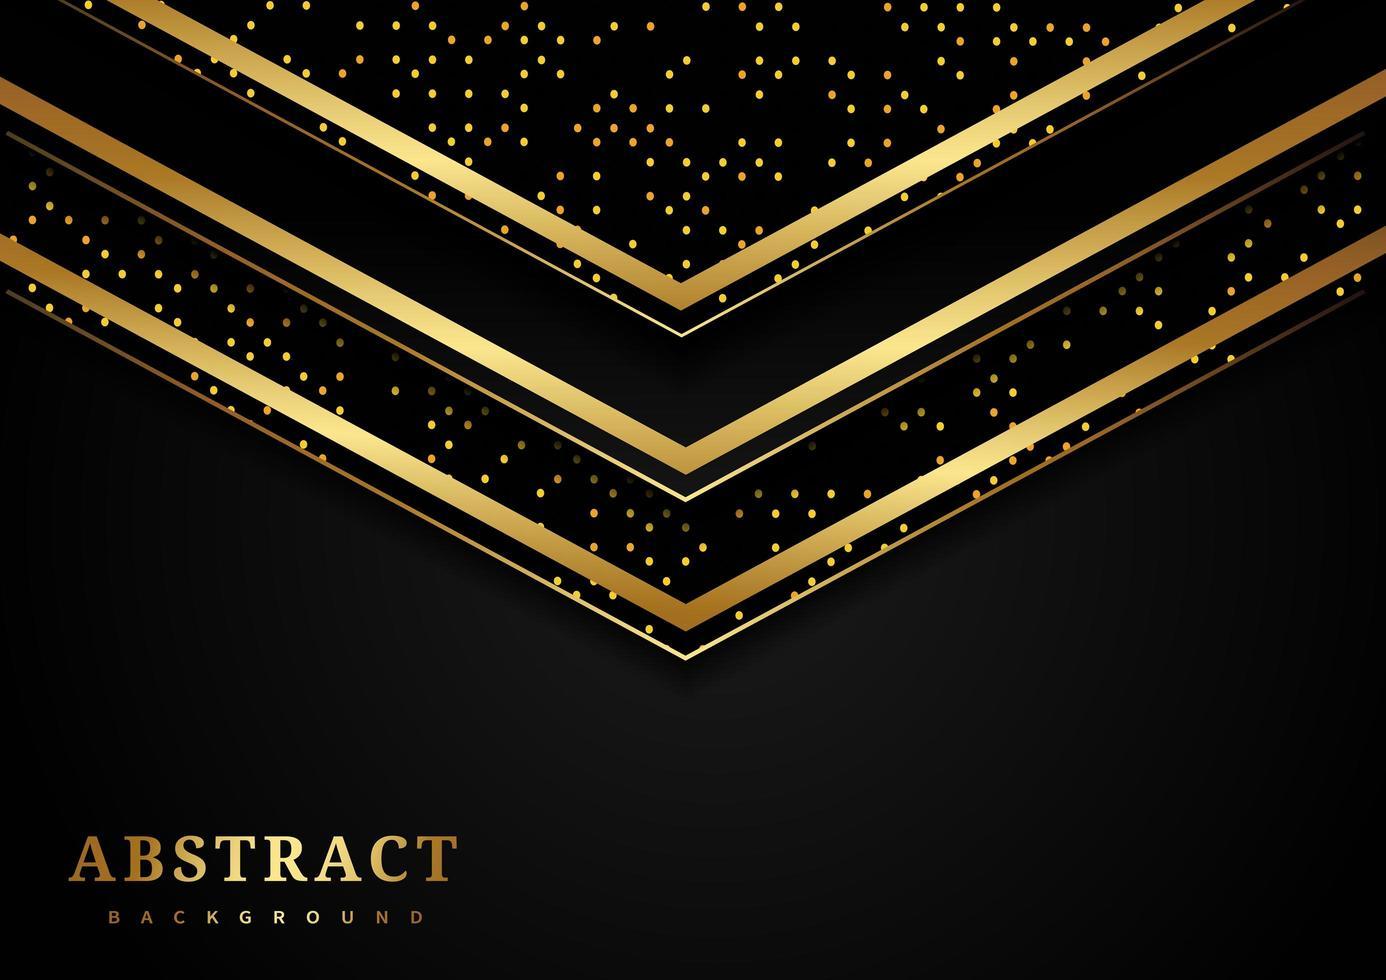 geometrisches Dreieck des abstrakten Goldes, das Luxushintergrund überlappt vektor